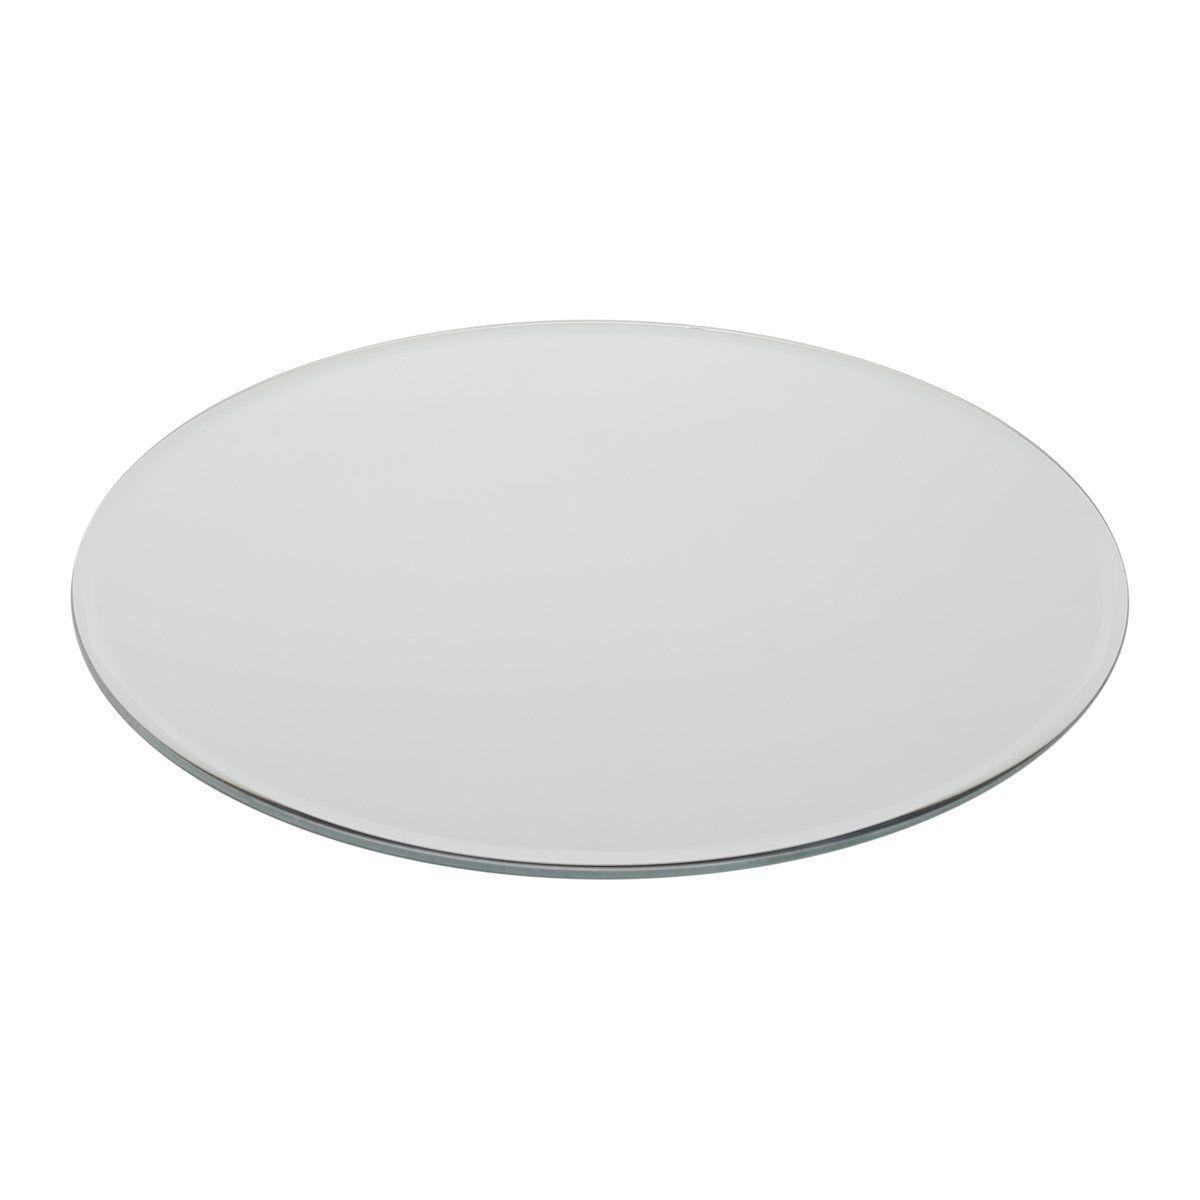 Base, Suporte 20 cm com espelho prateado Prestige - 2866